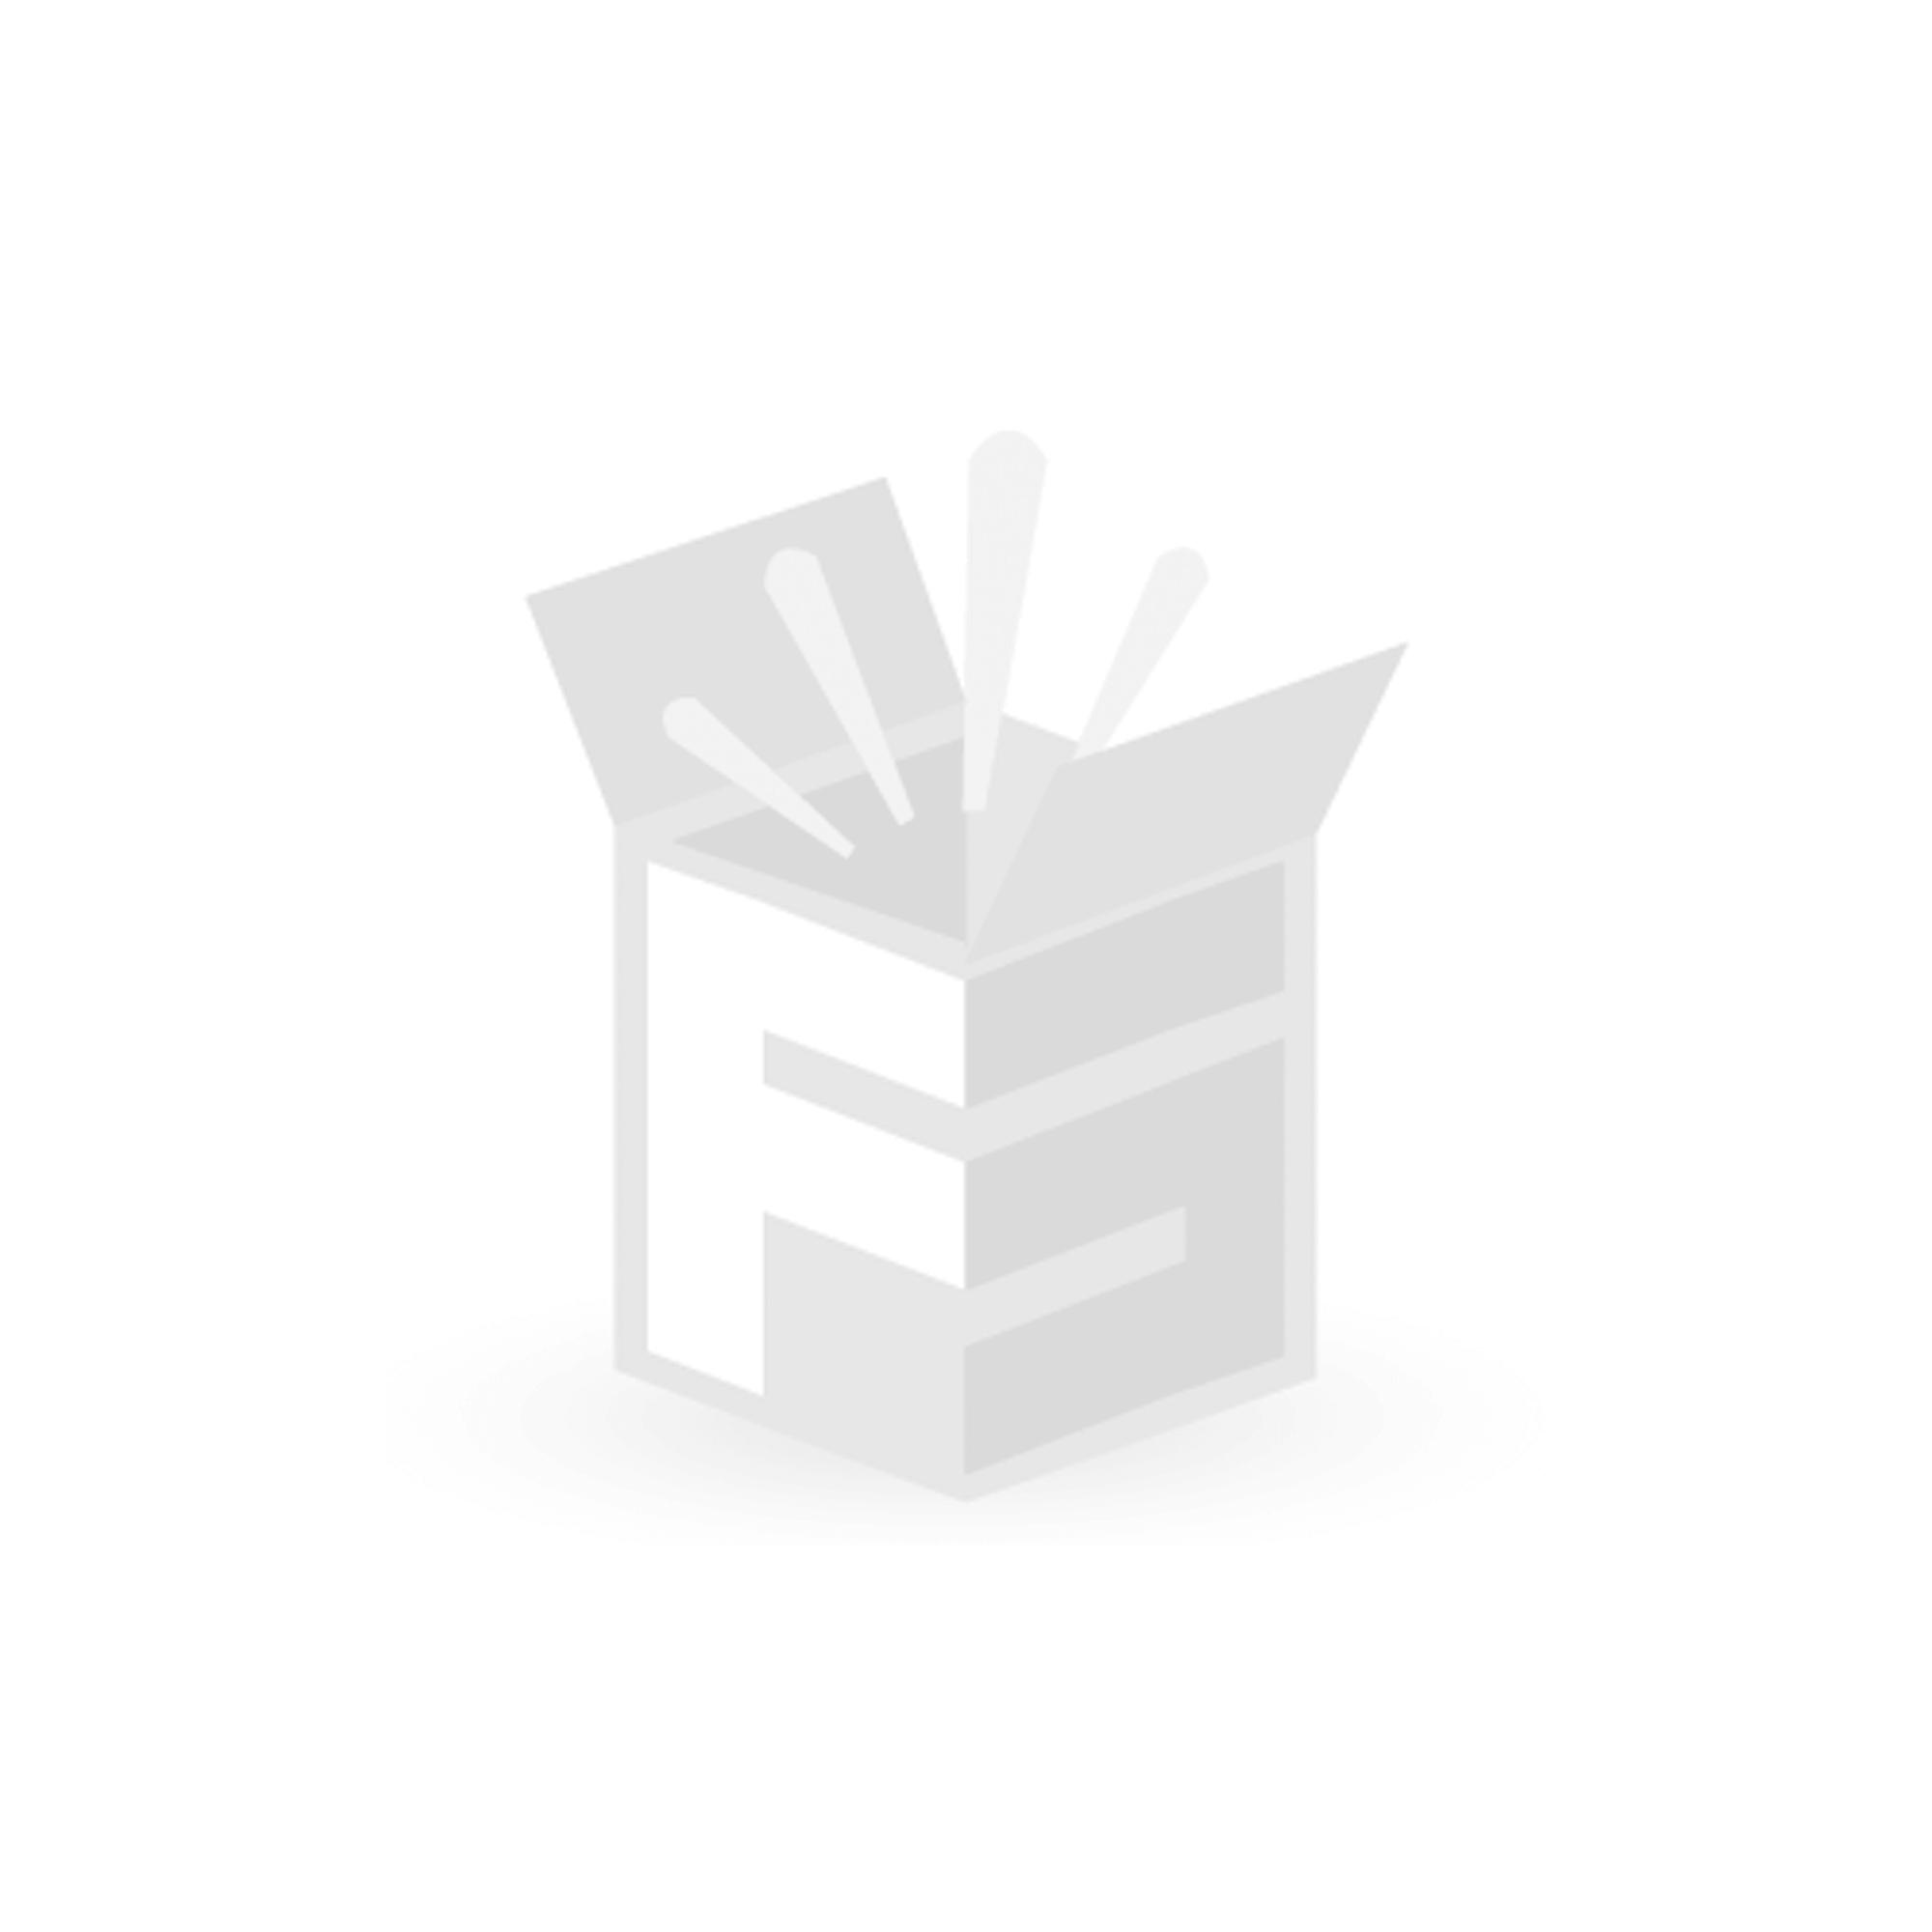 Kibernetik AP-Steckdose 1x CEE16A, 5-polig